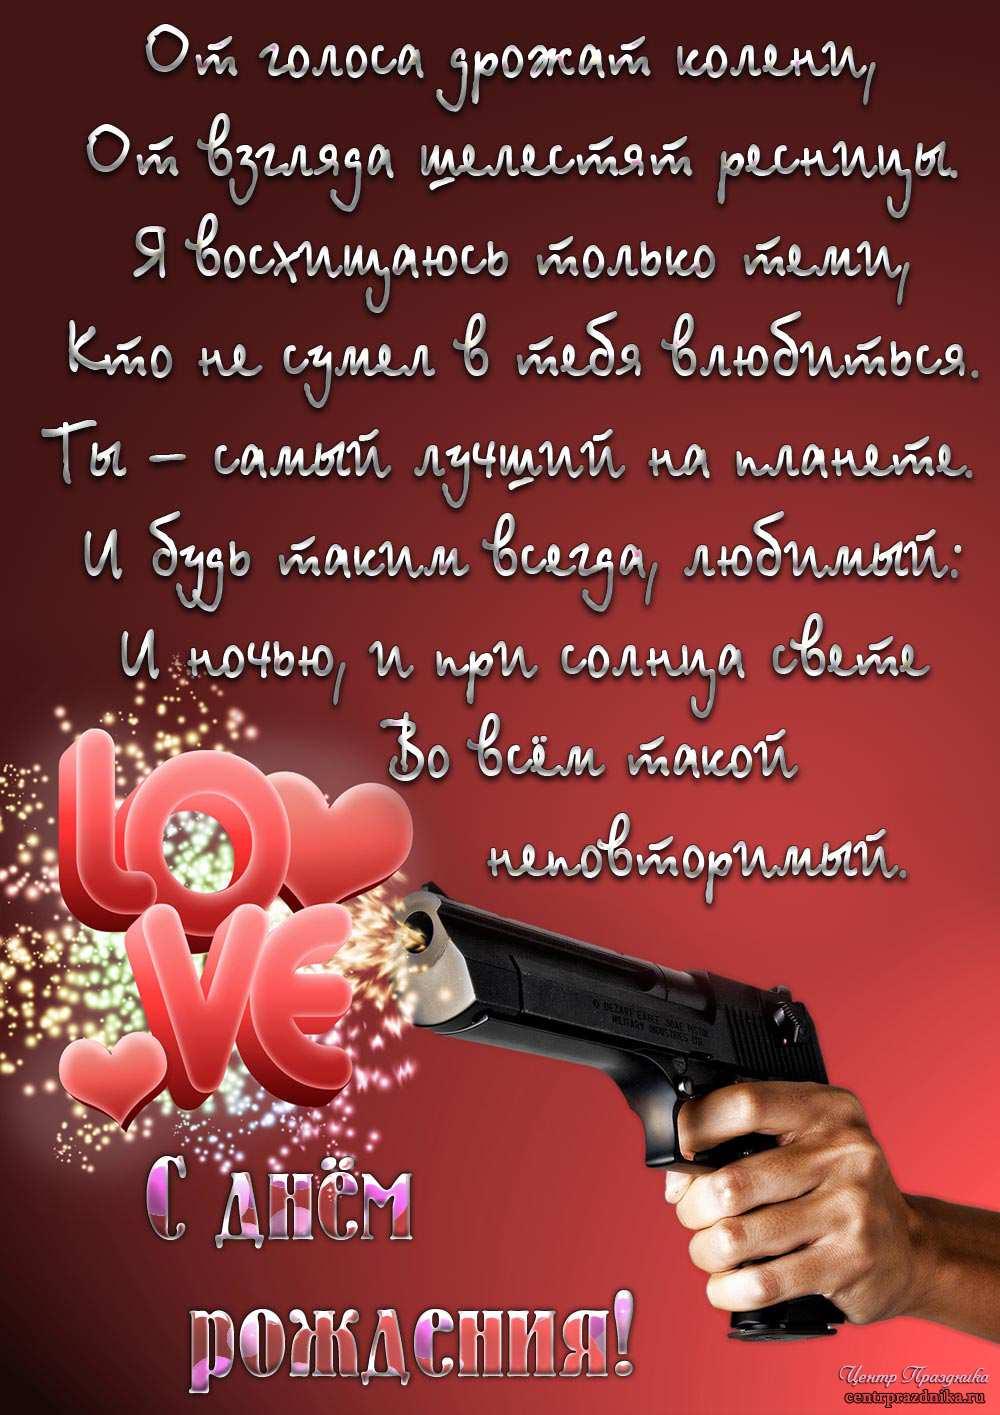 Романтическое поздравление мужу от жены